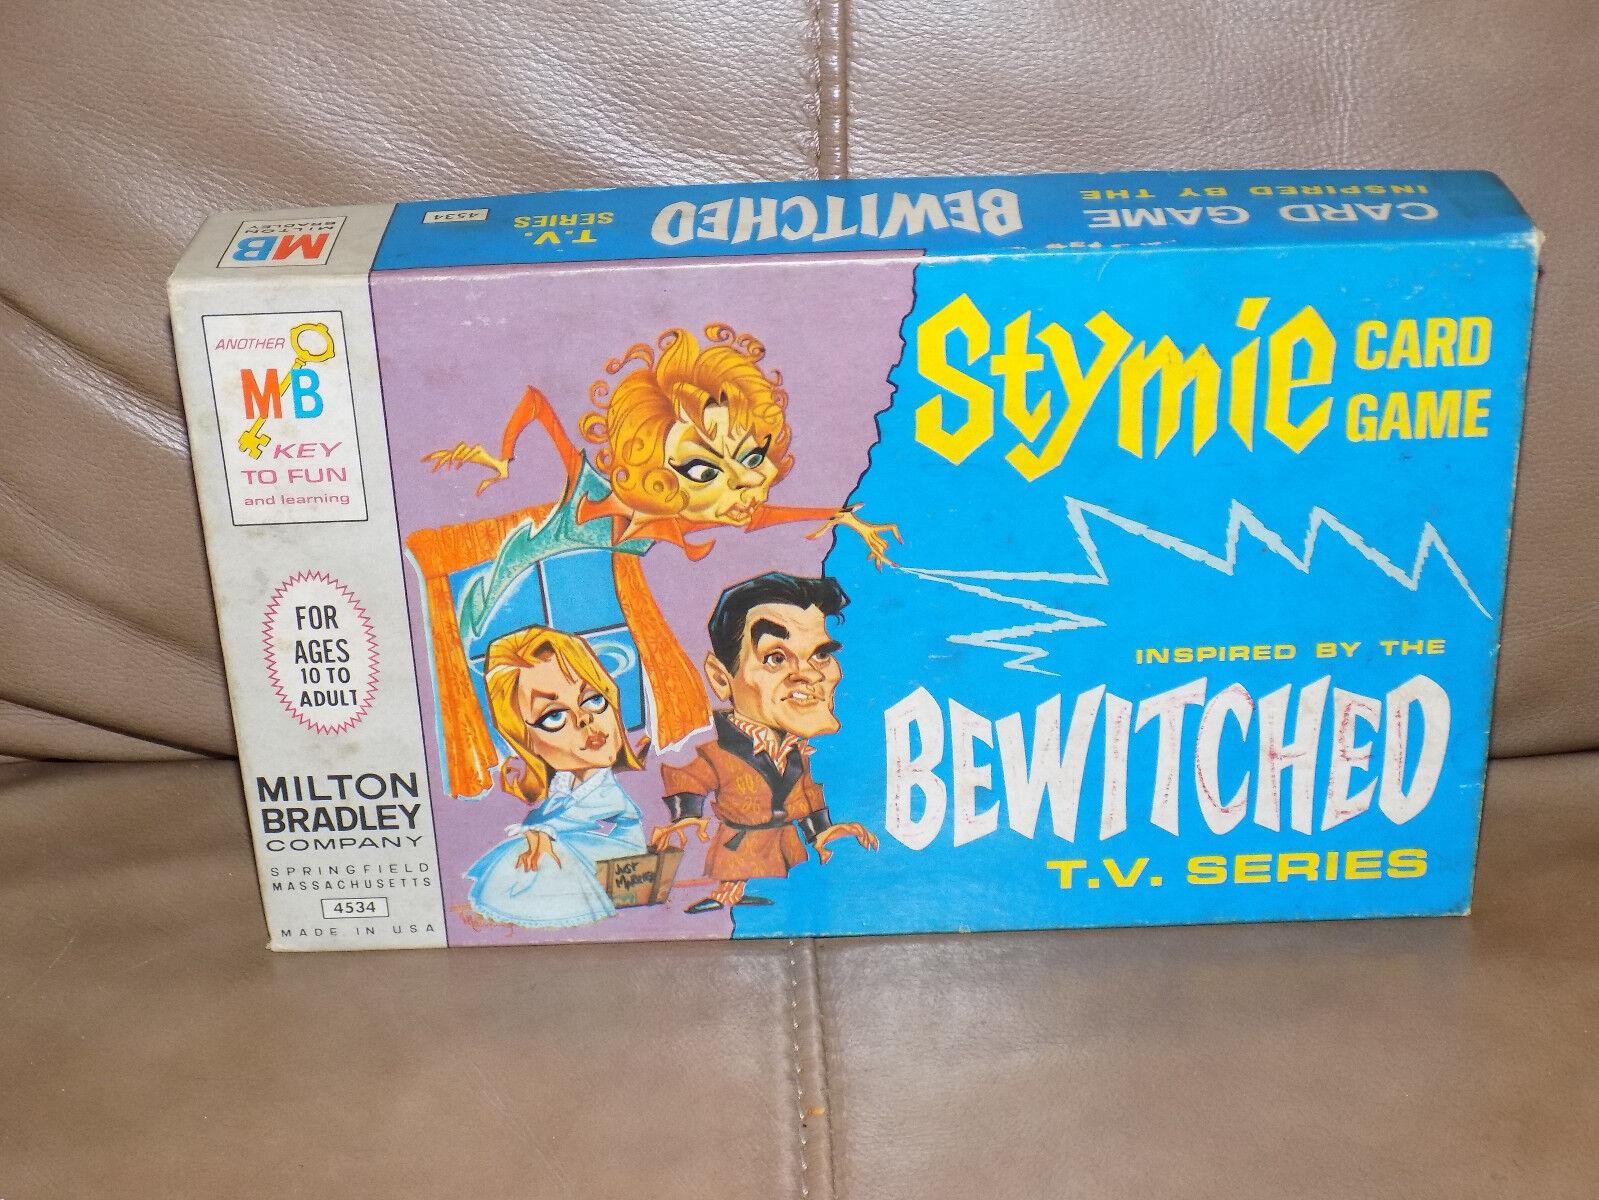 para proporcionarle una compra en línea agradable ContrarreEstrella Cochetas juego inspirado por por por embrujado Serie De Tv  te hará satisfecho